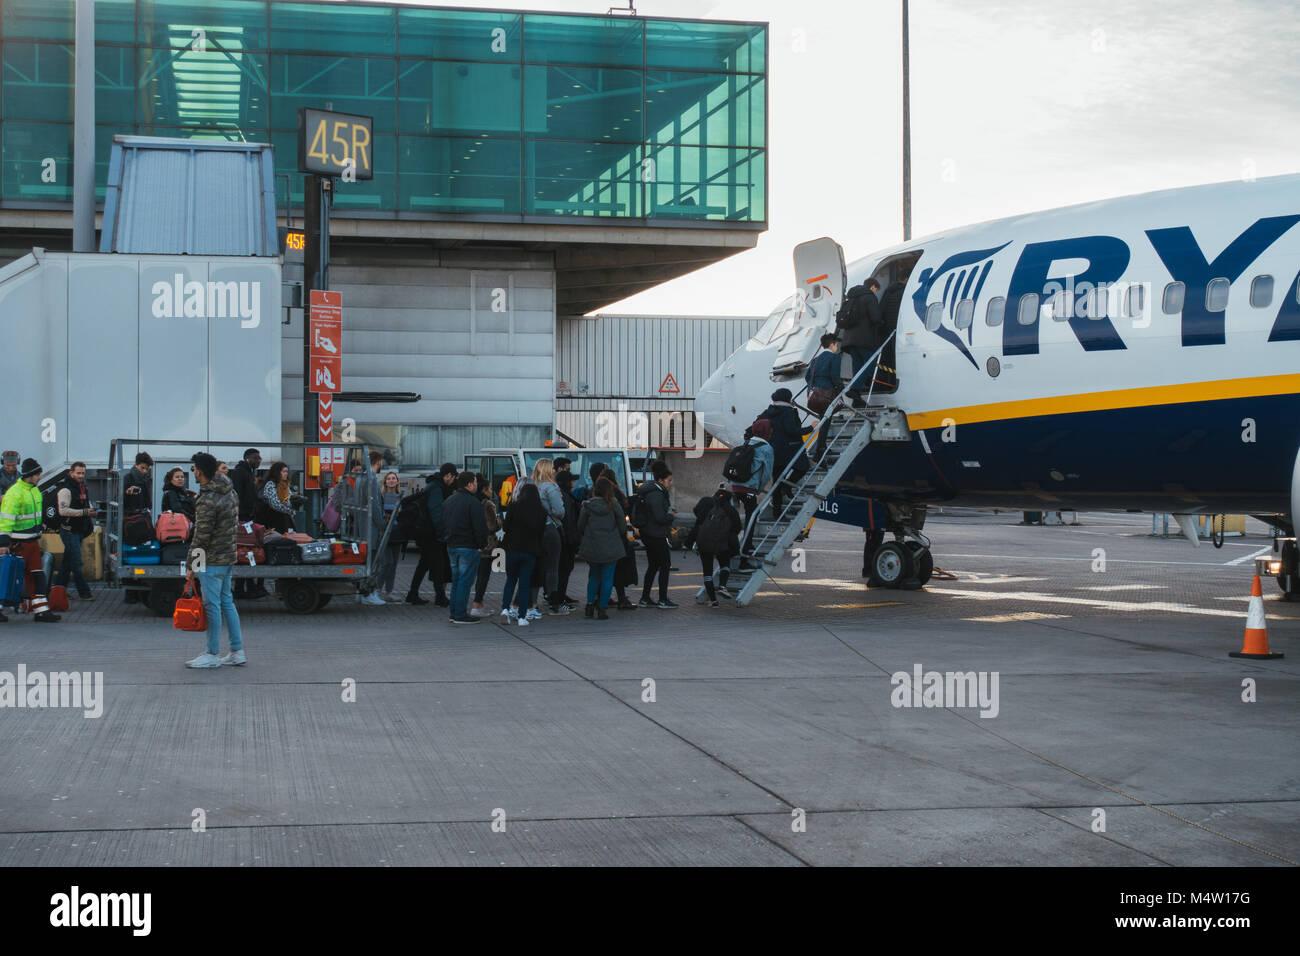 Les passagers d'un avion Ryanair après leur nouveau sac cabine politique est entrée en vigueur - les Photo Stock